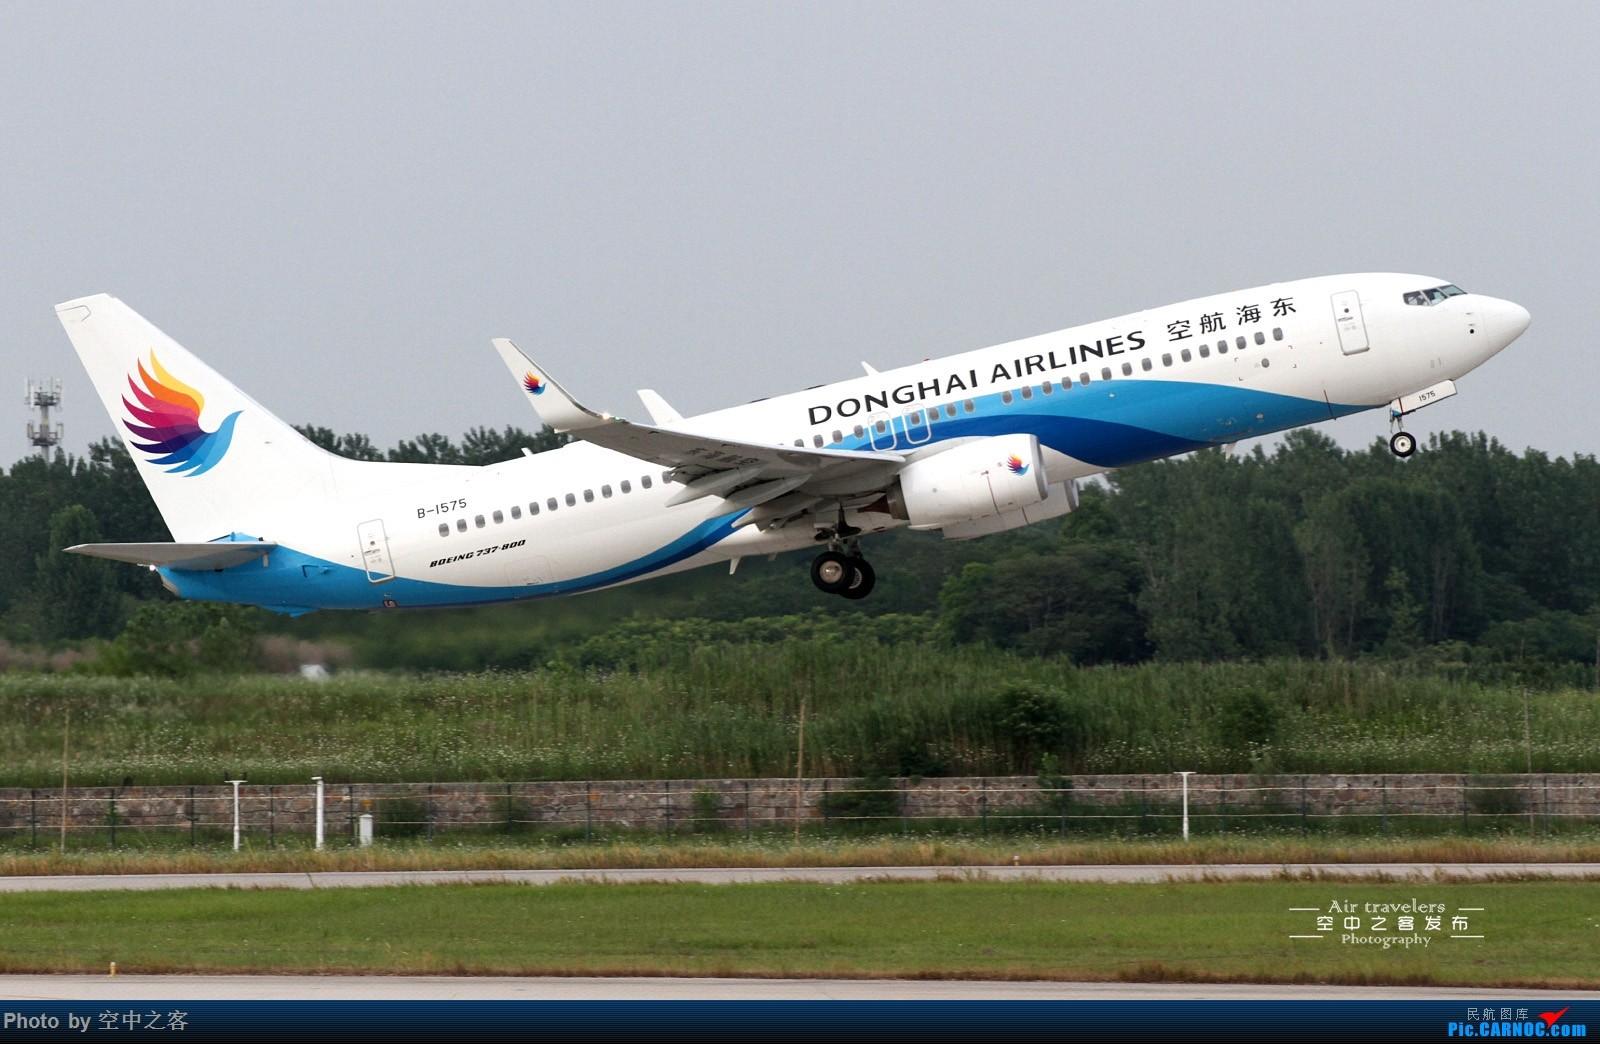 Re:[原创][合肥飞友会·霸都打机队]空中之客发布 新机场A5拍机位草都长一人高了 拍拍拉起 BOEING 737-800 B-1575 合肥新桥国际机场